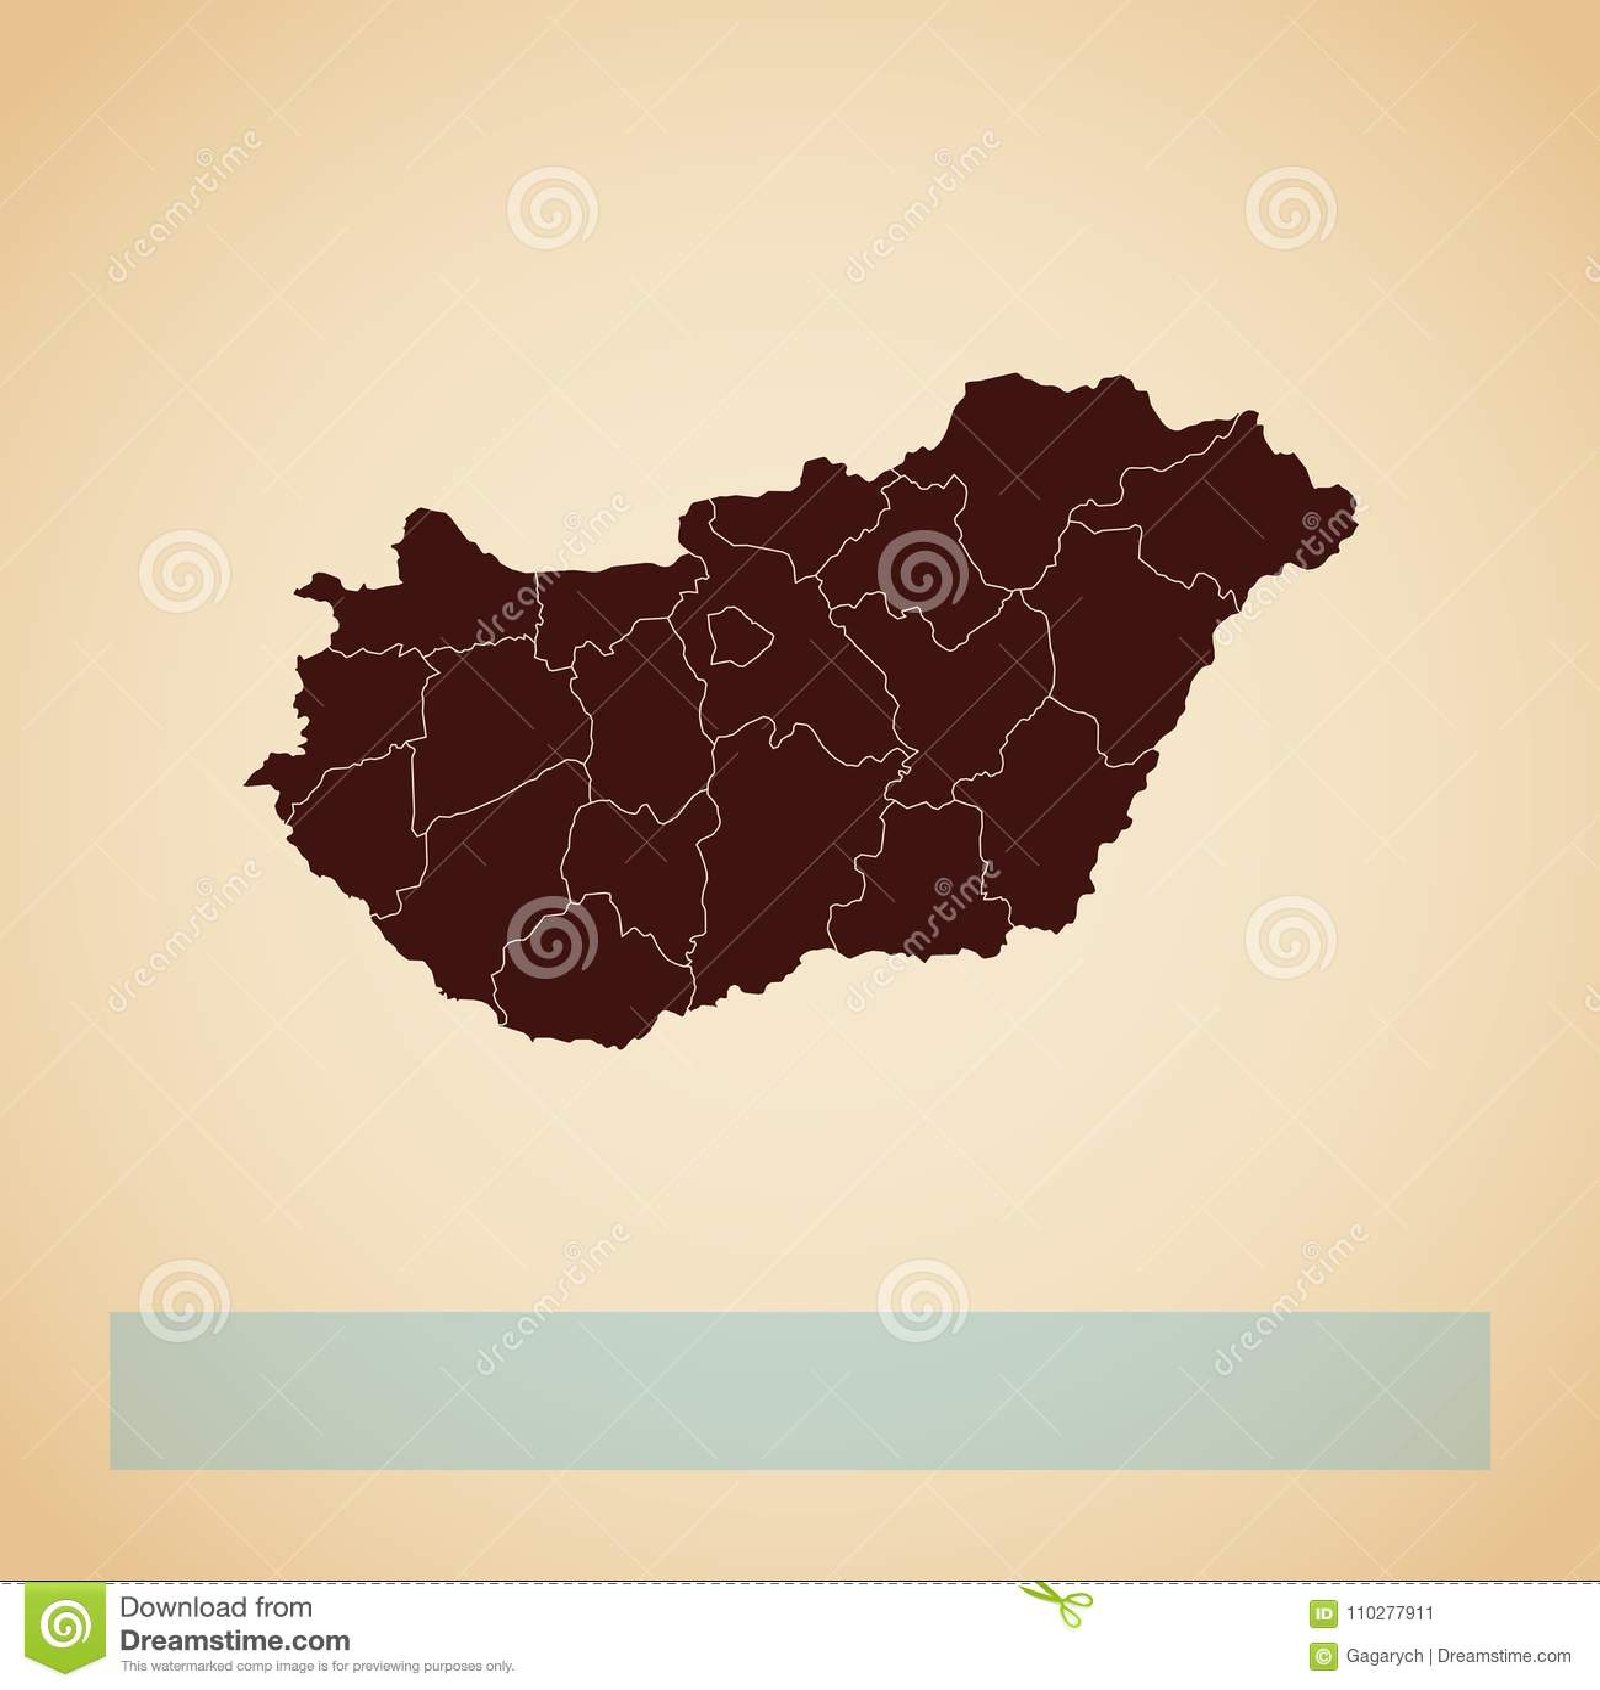 Ungarn-Regionskarte: brauner Entwurf des Retrostils an